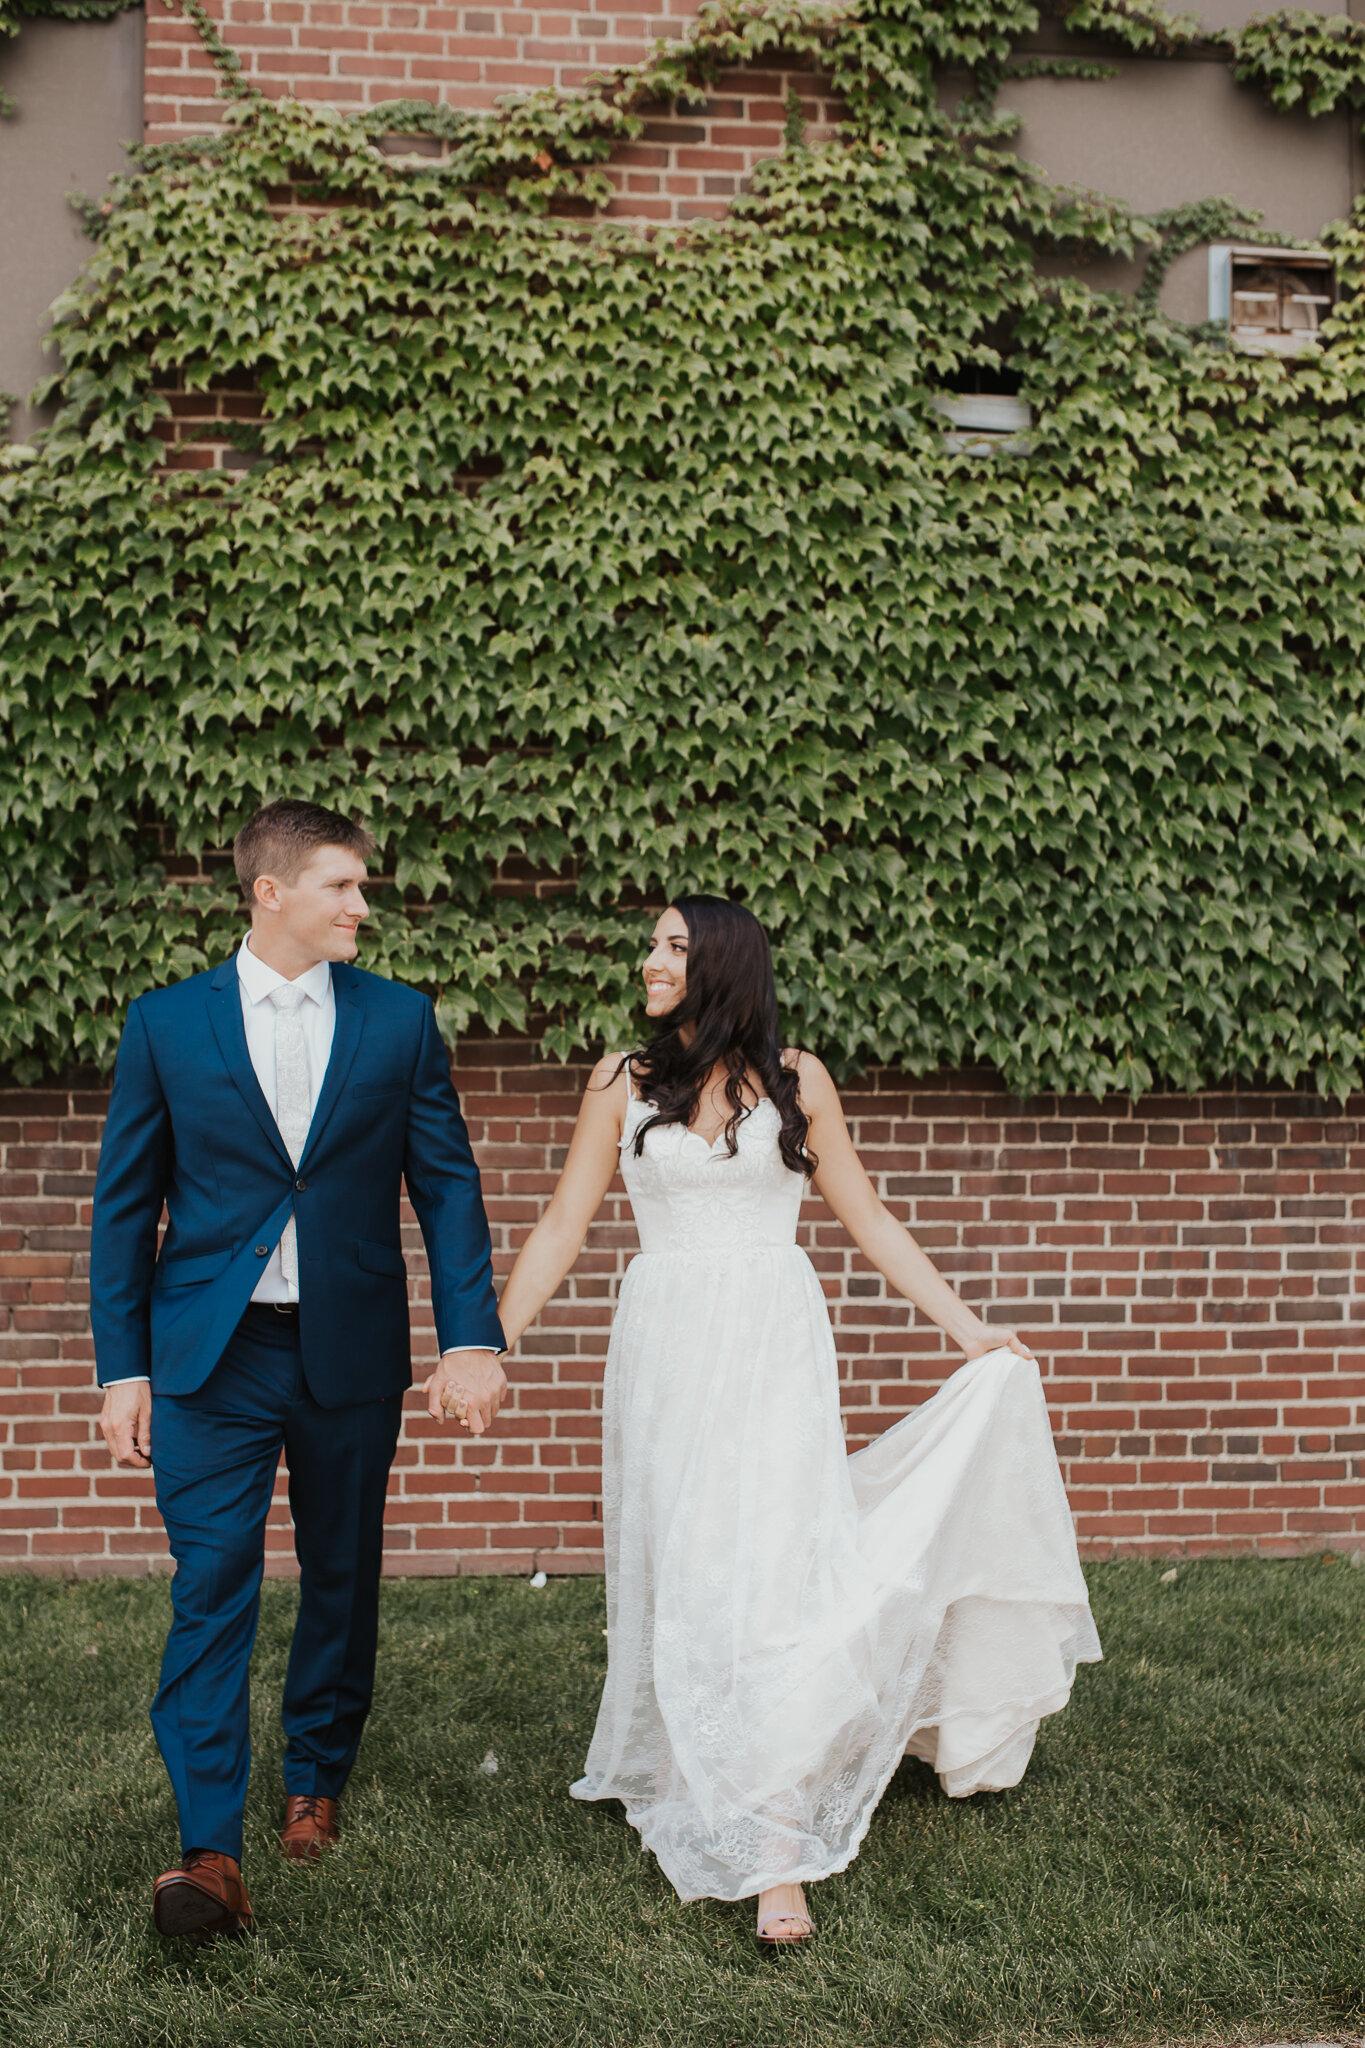 KirstenMatt-Wedding-19.jpg